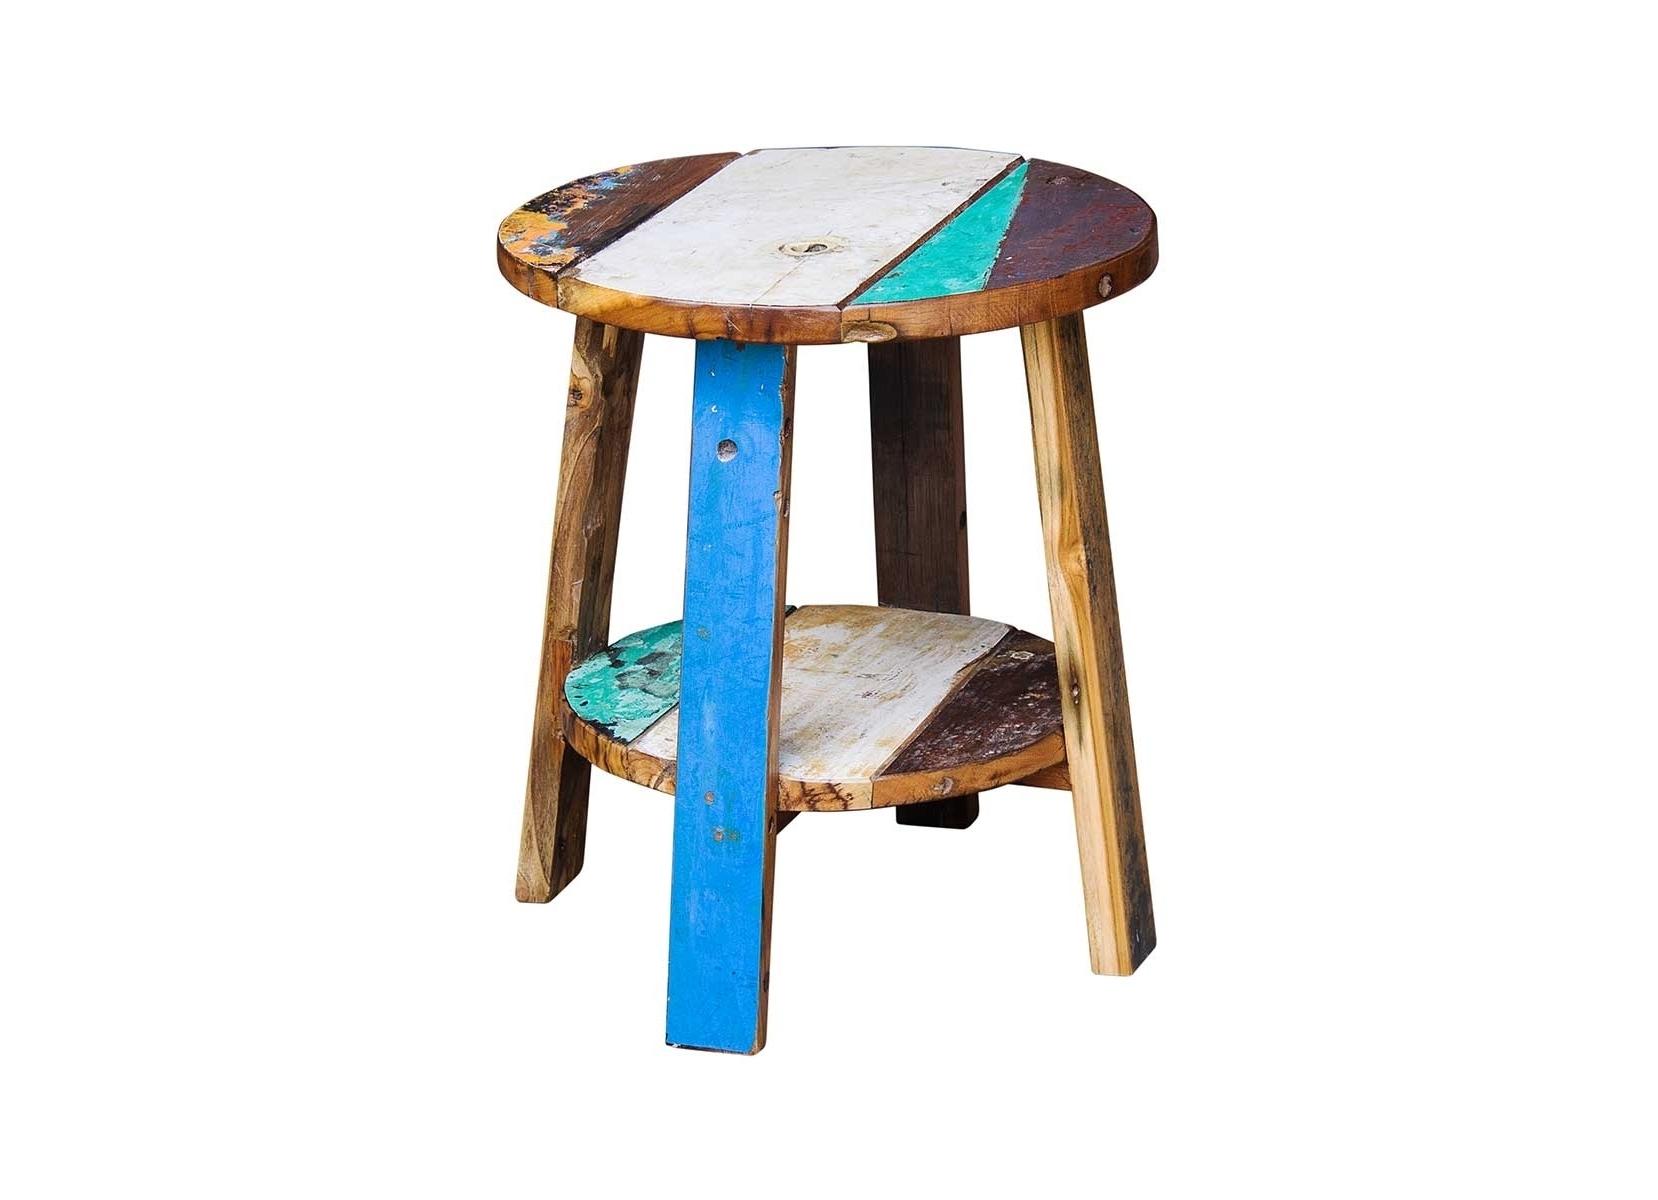 Тумба/табурет ГандиТабуреты<br>Тумба/табурет, выполнена из массива древесины старого рыбацкого судна, такой как: тик, махогон, суар, с сохранением оригинальной многослойной окраски. Компактный размер делает предмет идеальным для небольших пространств. Универсальная форма позволяет использовать не только как табурет, но и как тумбу, подставку для цветов или ванных принадлежностей. Подходит для использования как внутри помещения, так и снаружи.<br><br>Material: Тик<br>Width см: 45<br>Depth см: 45<br>Height см: 55